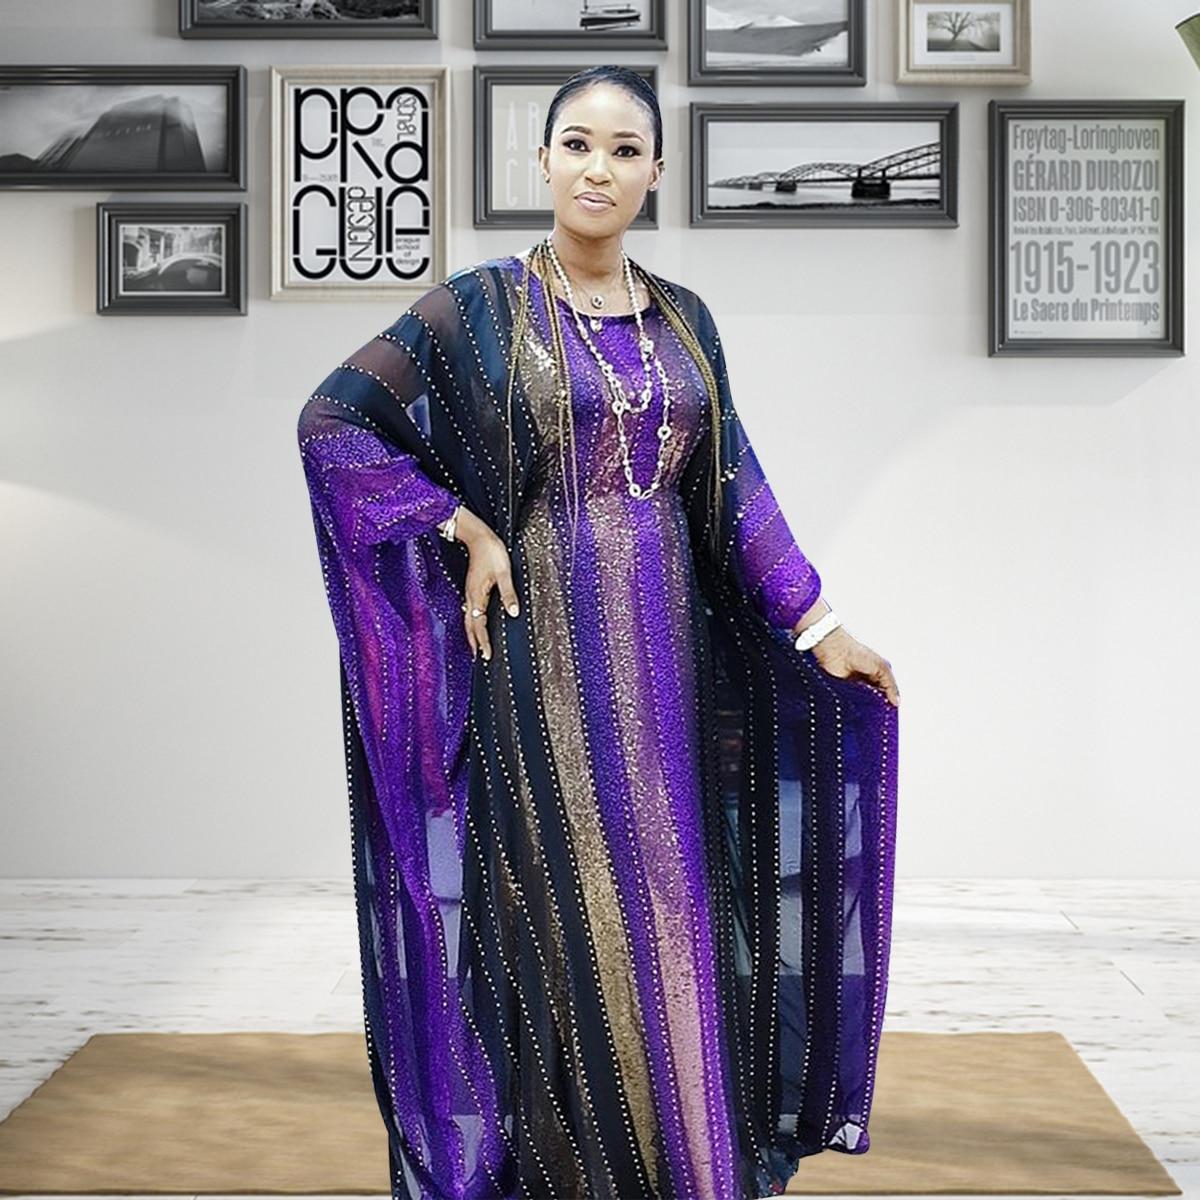 عباية دبي شمسية من أقمشة مخططة فستان إسلامي سيدة حفلة ملابس أوروبية ملابس أمريكية تصميم أفريقي رداء فضفاض